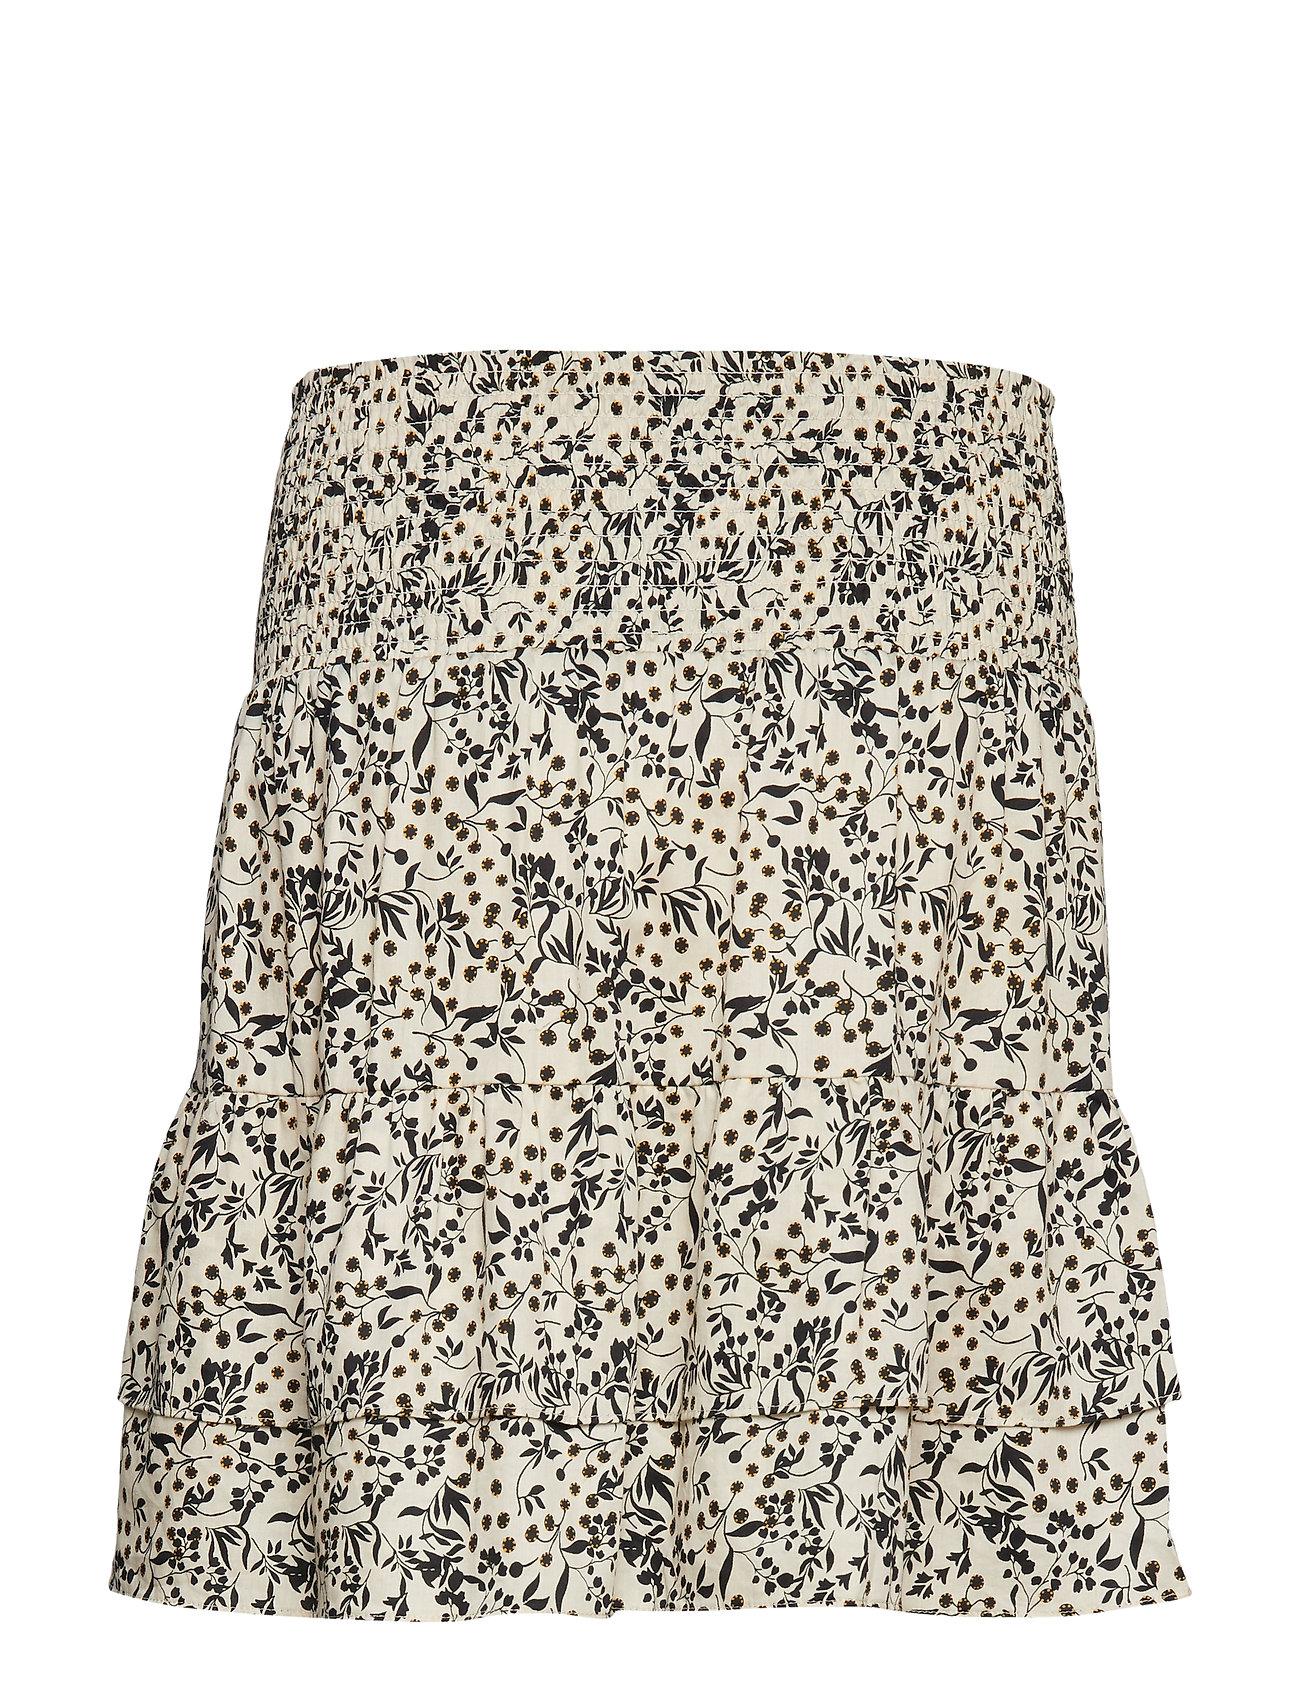 Wisely Short Skirt Kort Nederdel Creme SECOND FEMALE